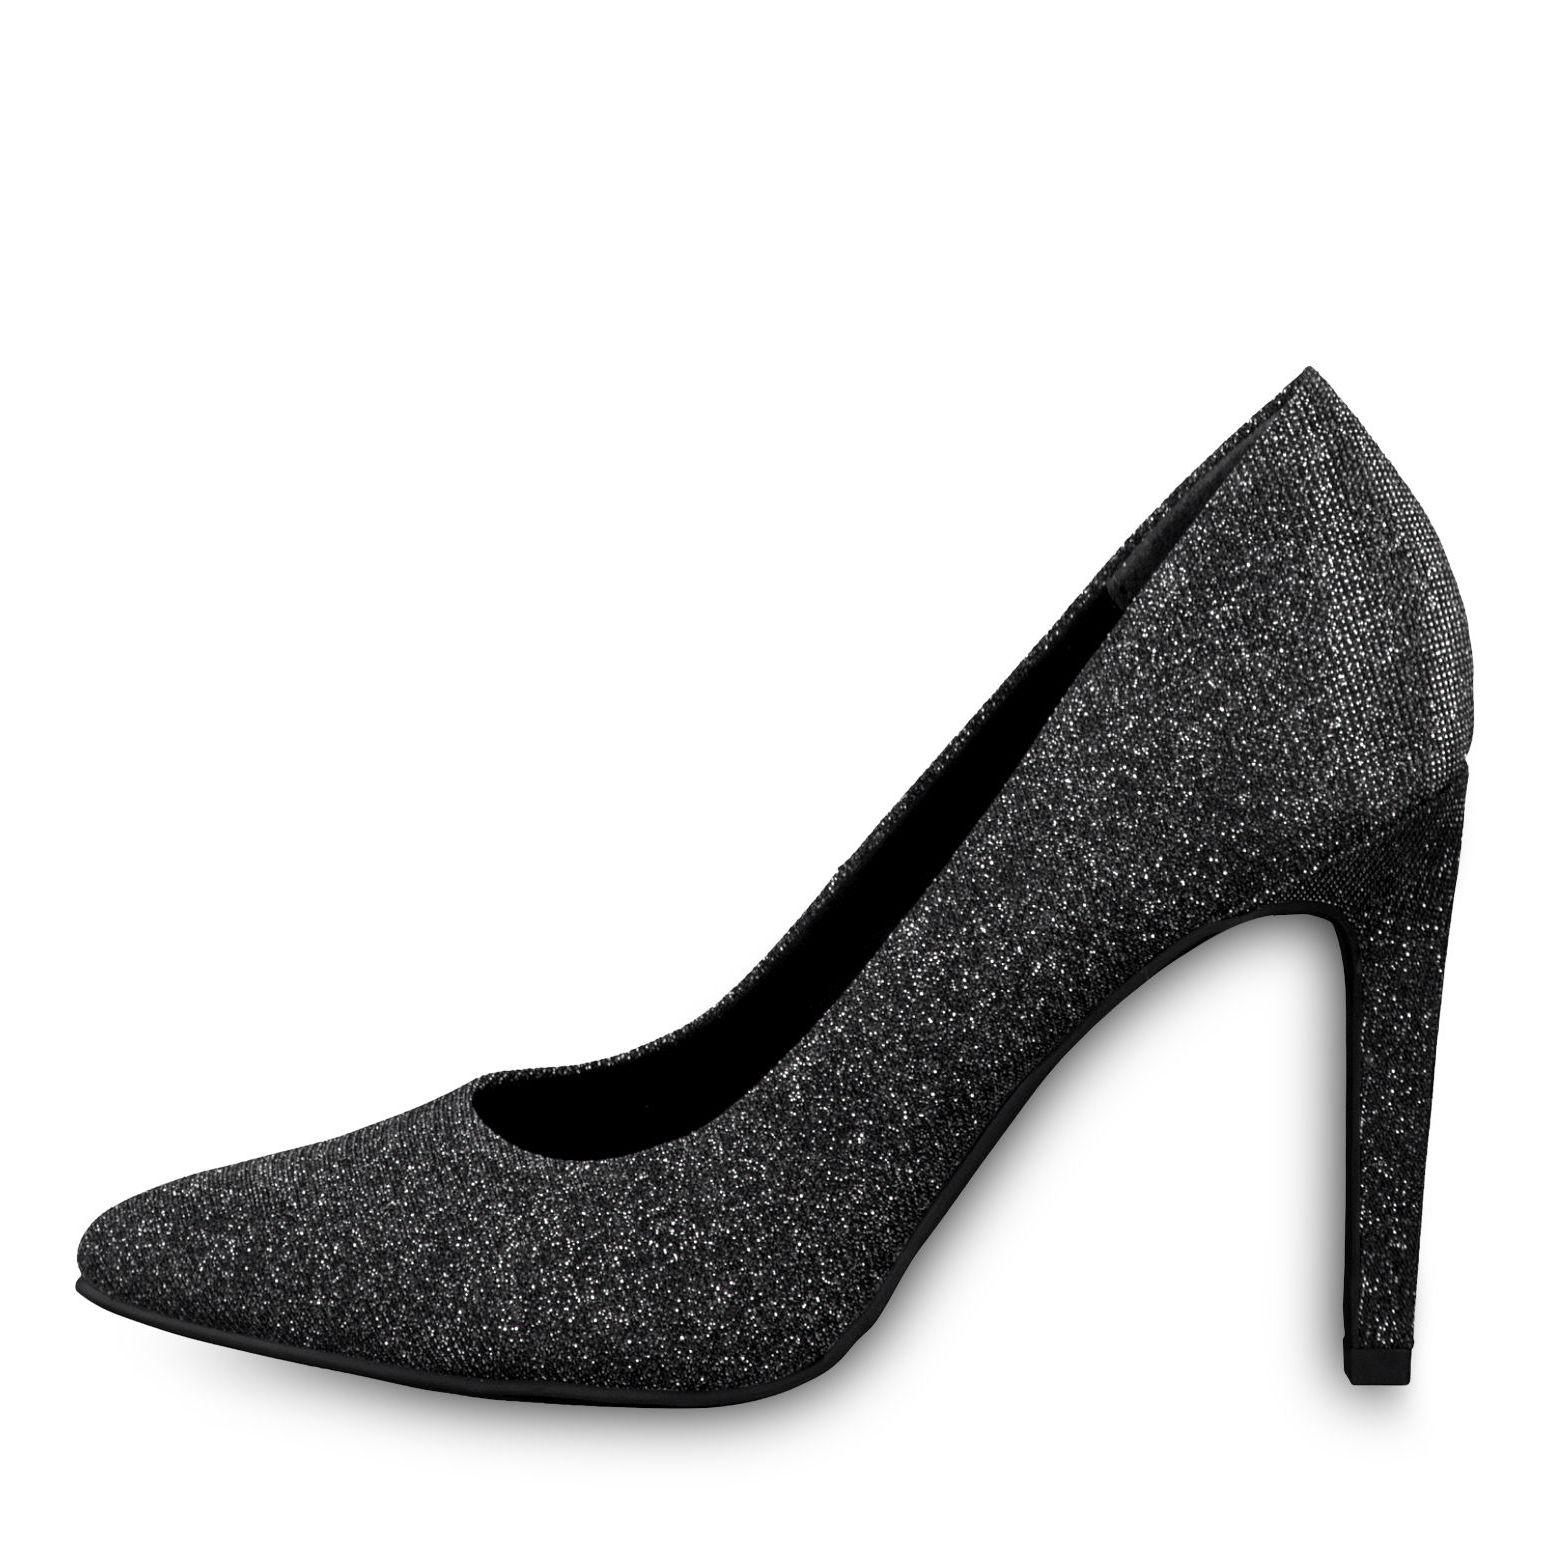 Metato 2 2 22405 38: High Heels von Marco Tozzi online kaufen!